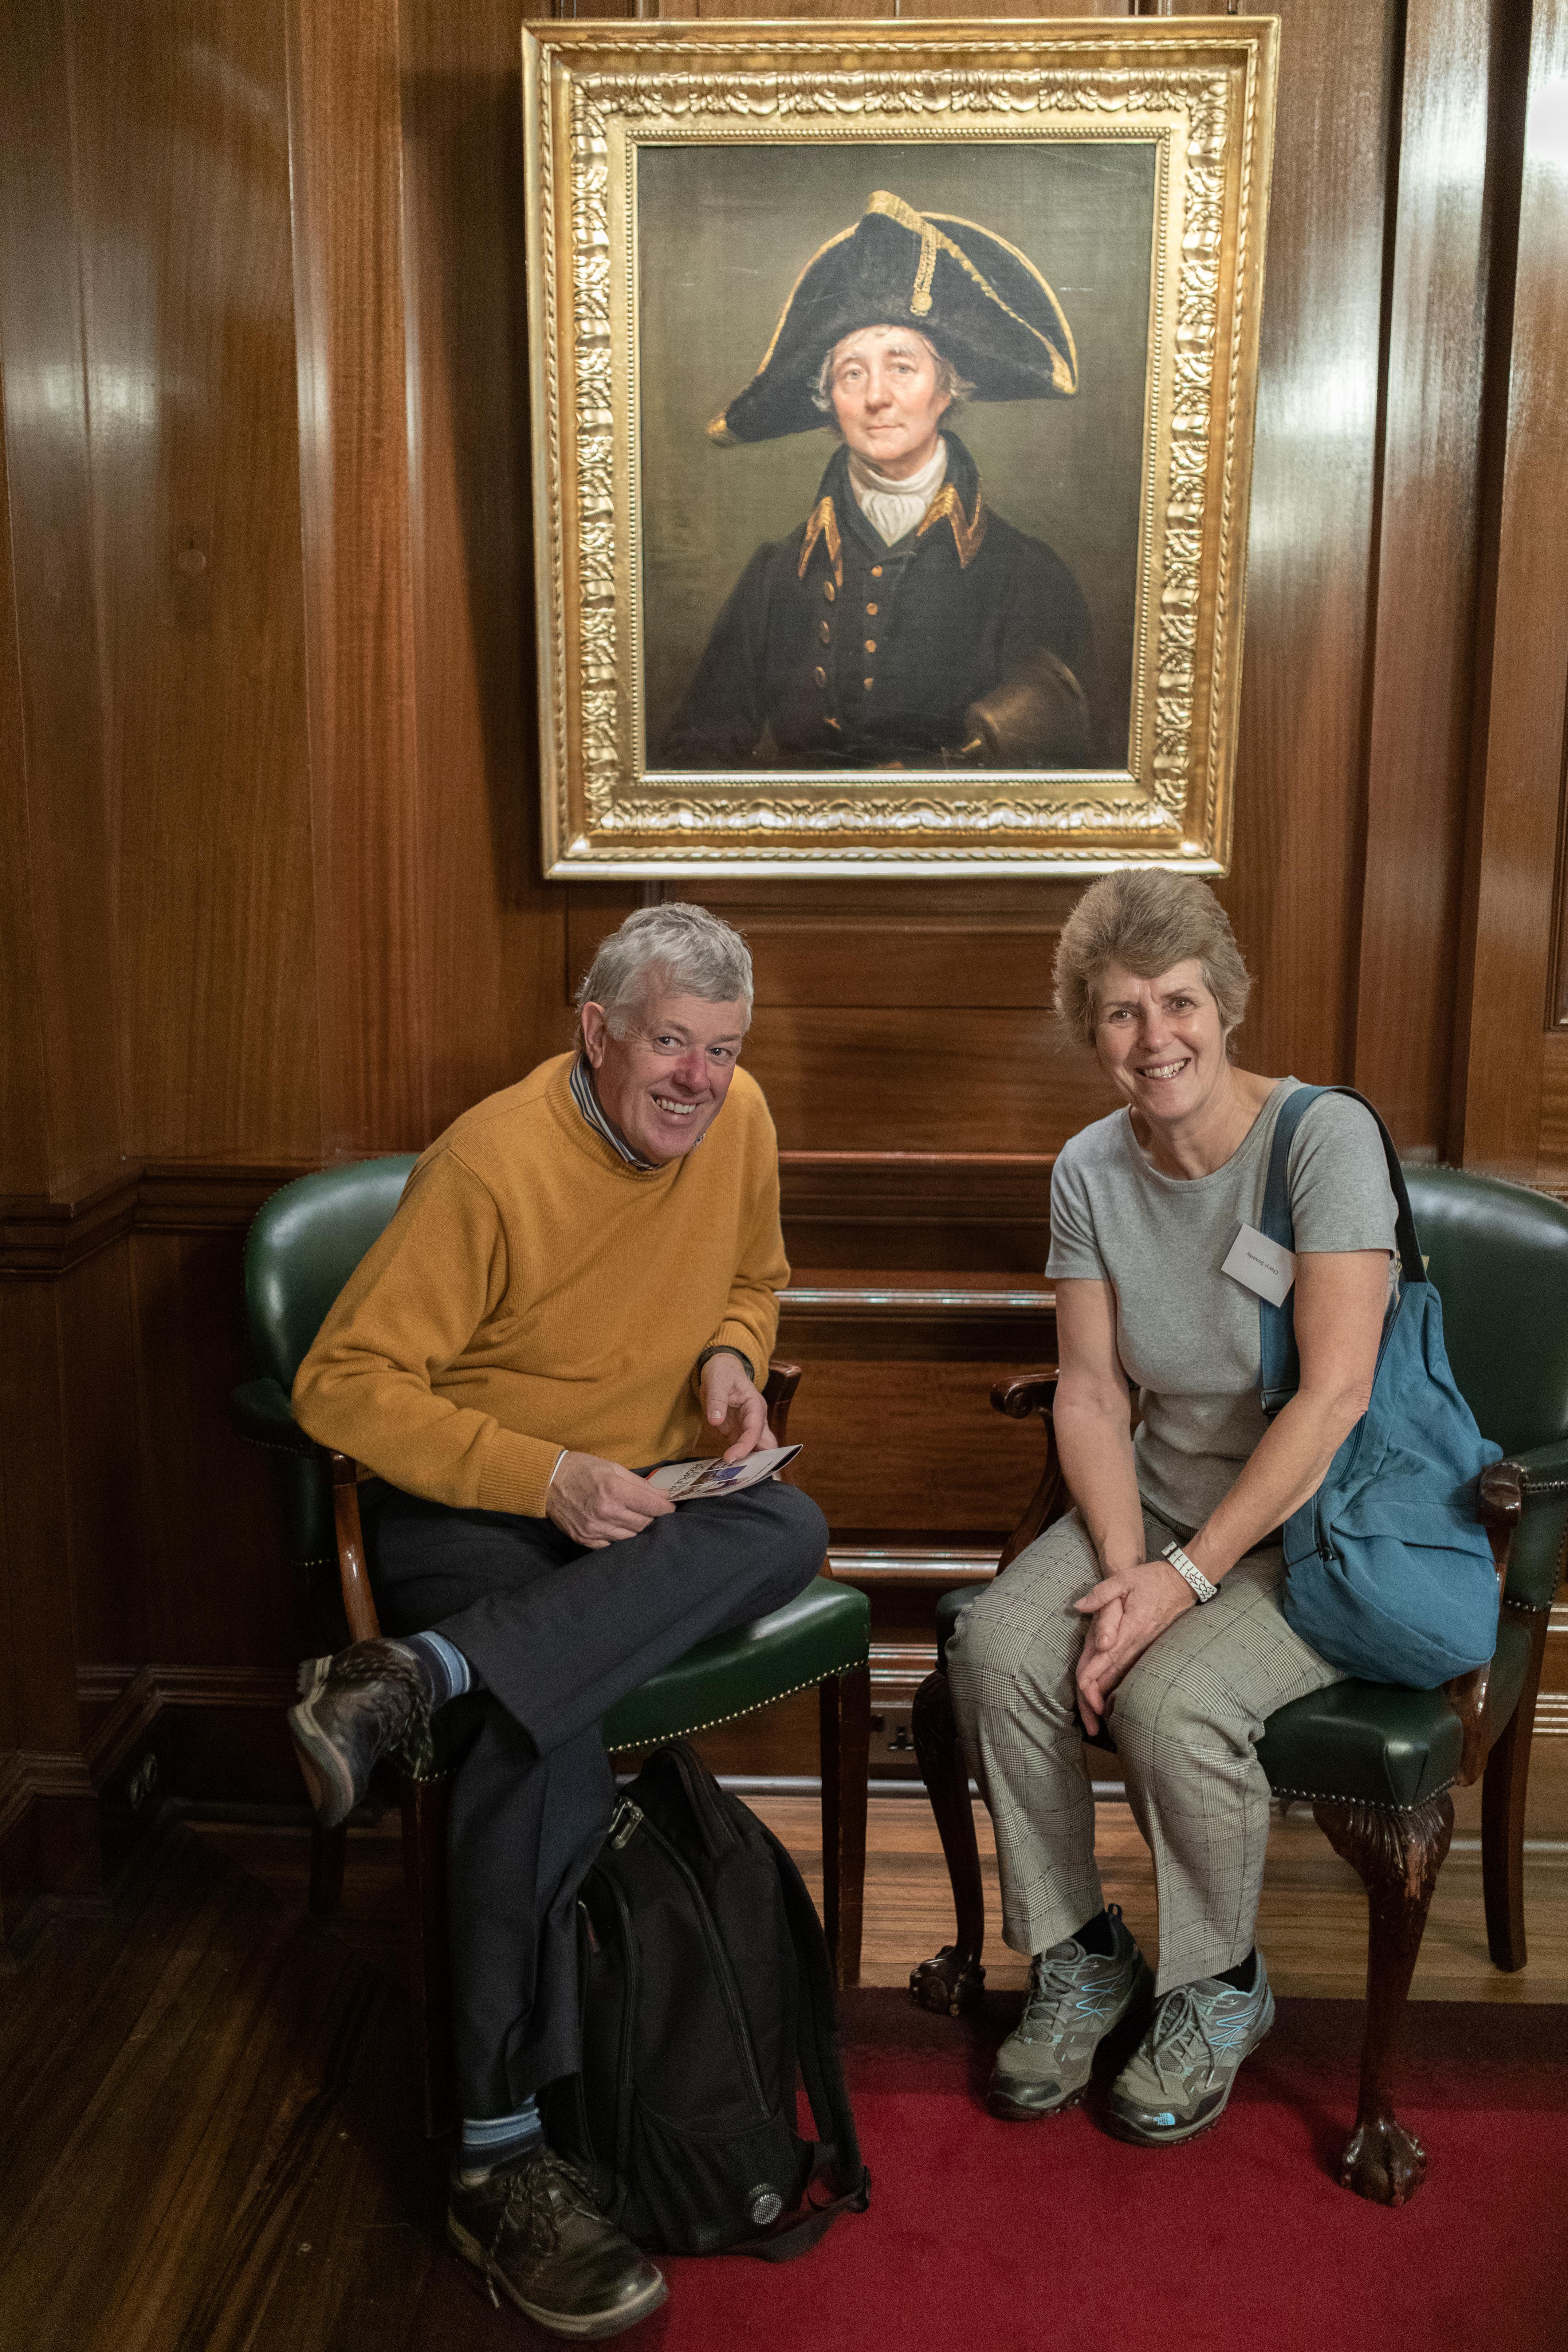 Ian Sowerby, Cheryl Sowerby